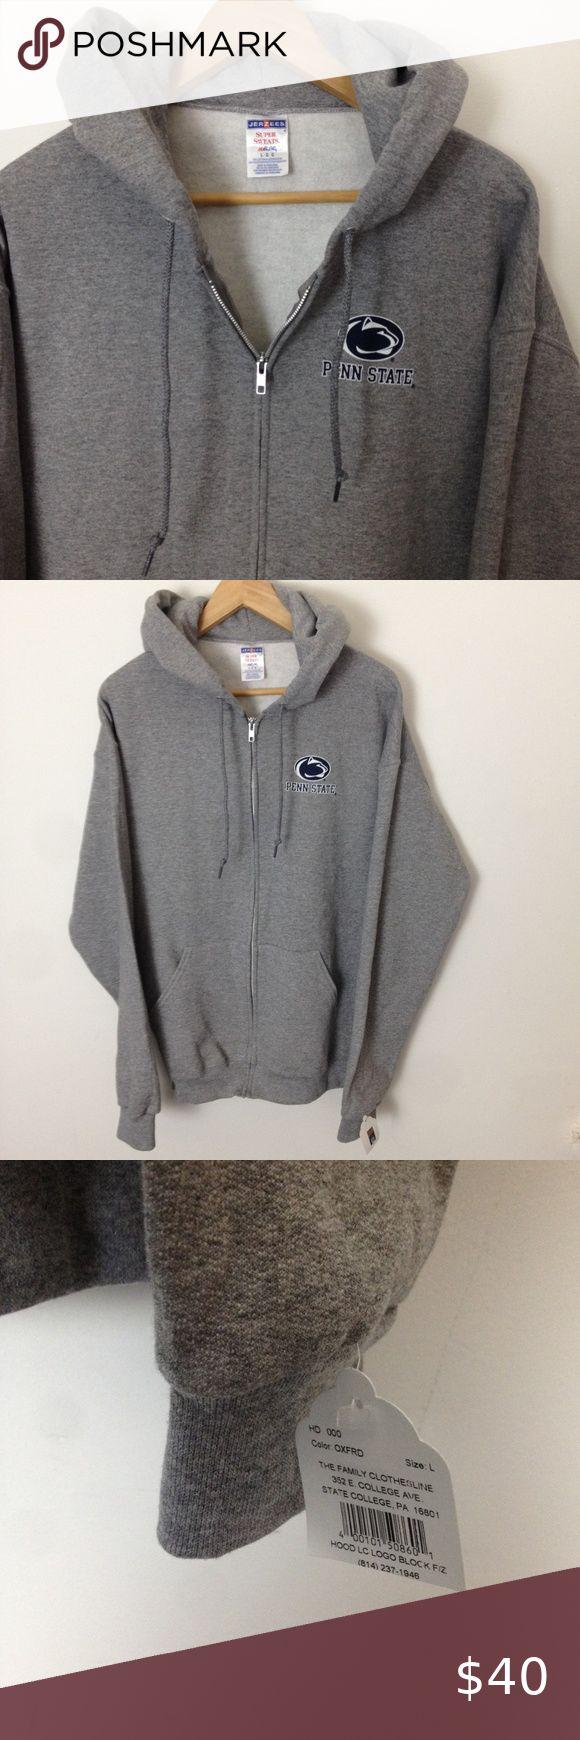 Penn State University L Zip Hoodie Sweatshirt Nwt Sweatshirts Hoodie Sweatshirts Zip Hoodie [ 1740 x 580 Pixel ]